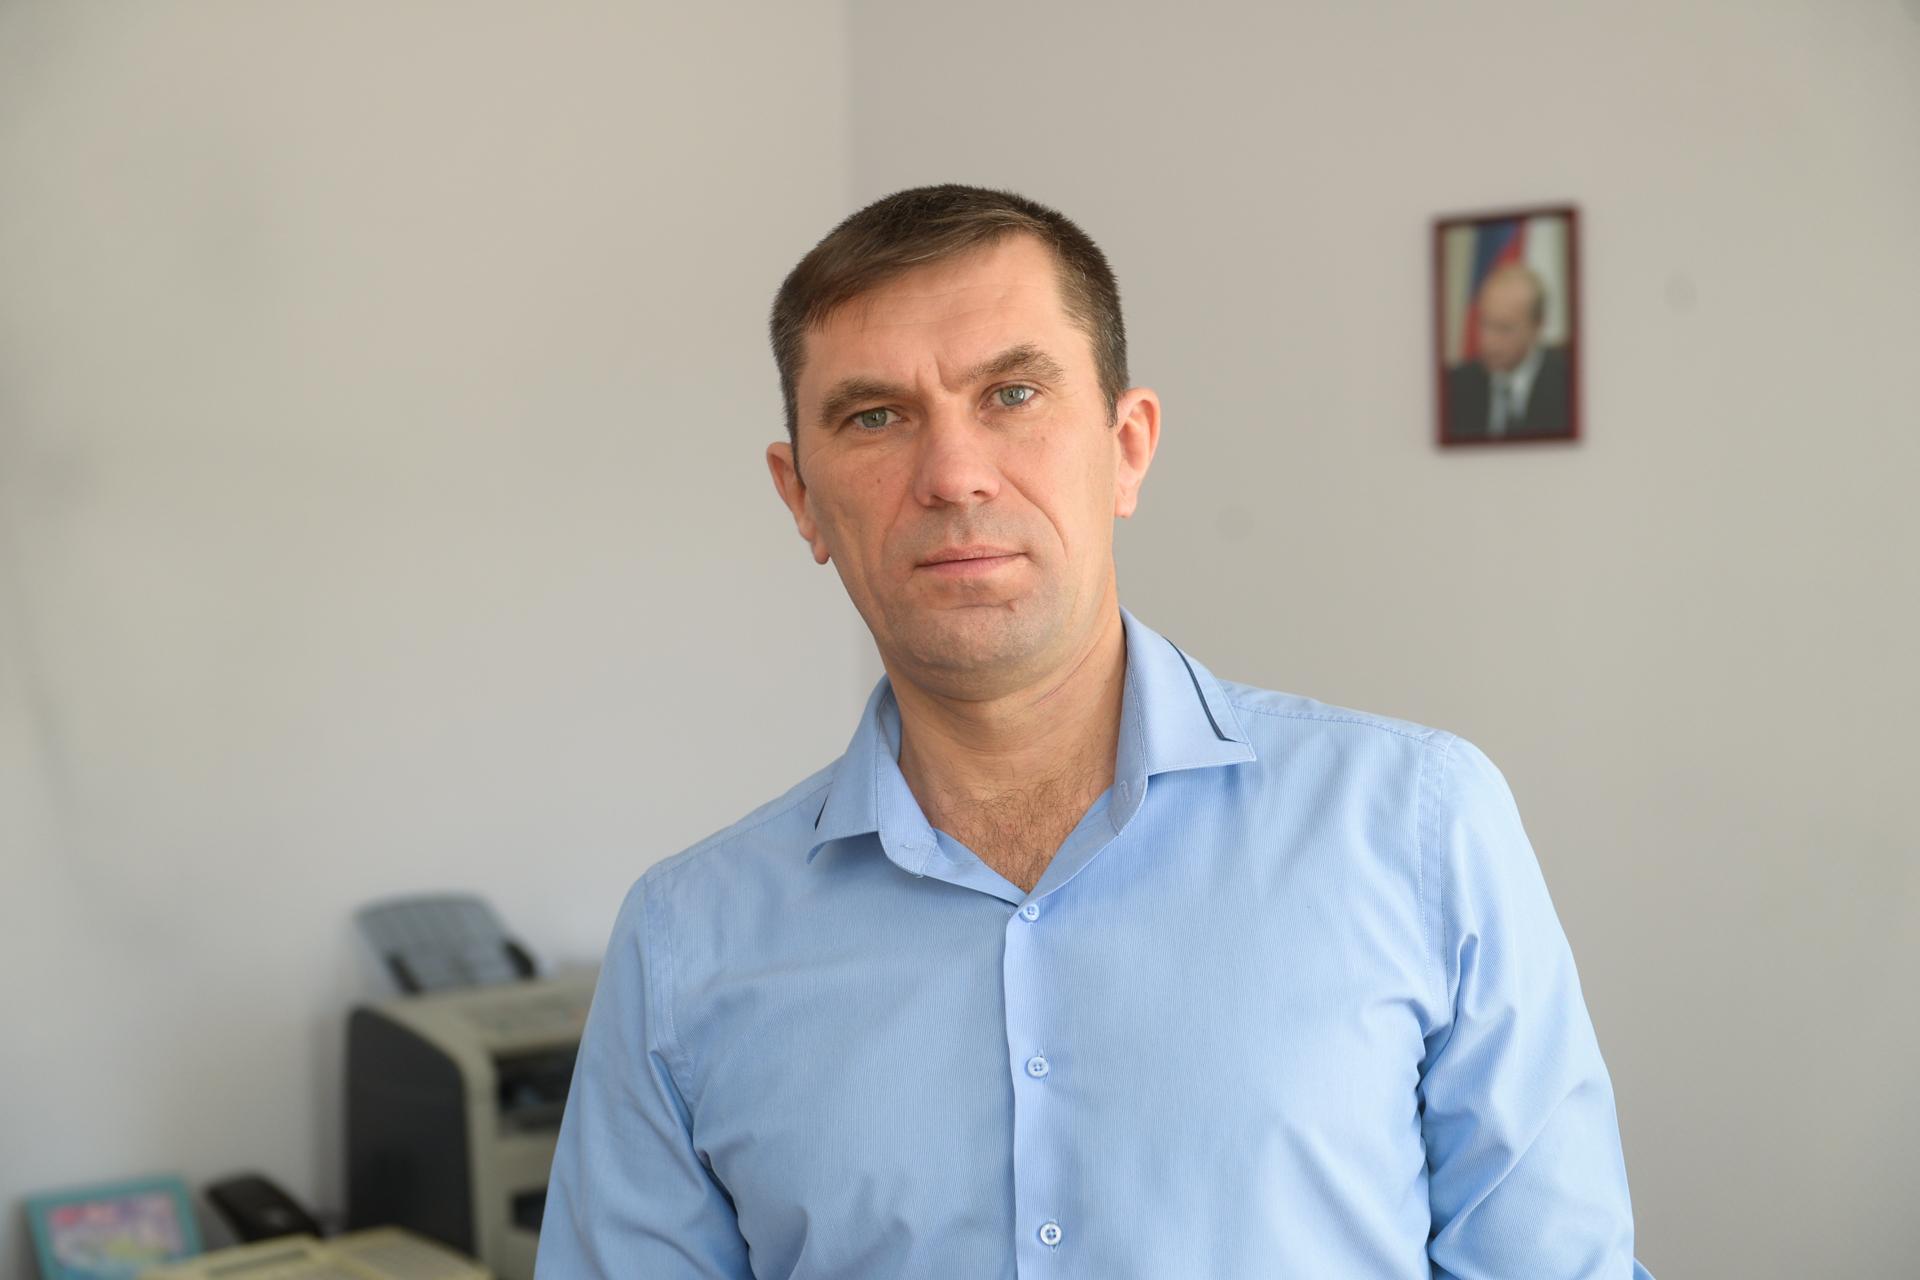 По словам генерального директора птицефабрики Максима Максимова, сегодня на предприятии трудится более 900 человек